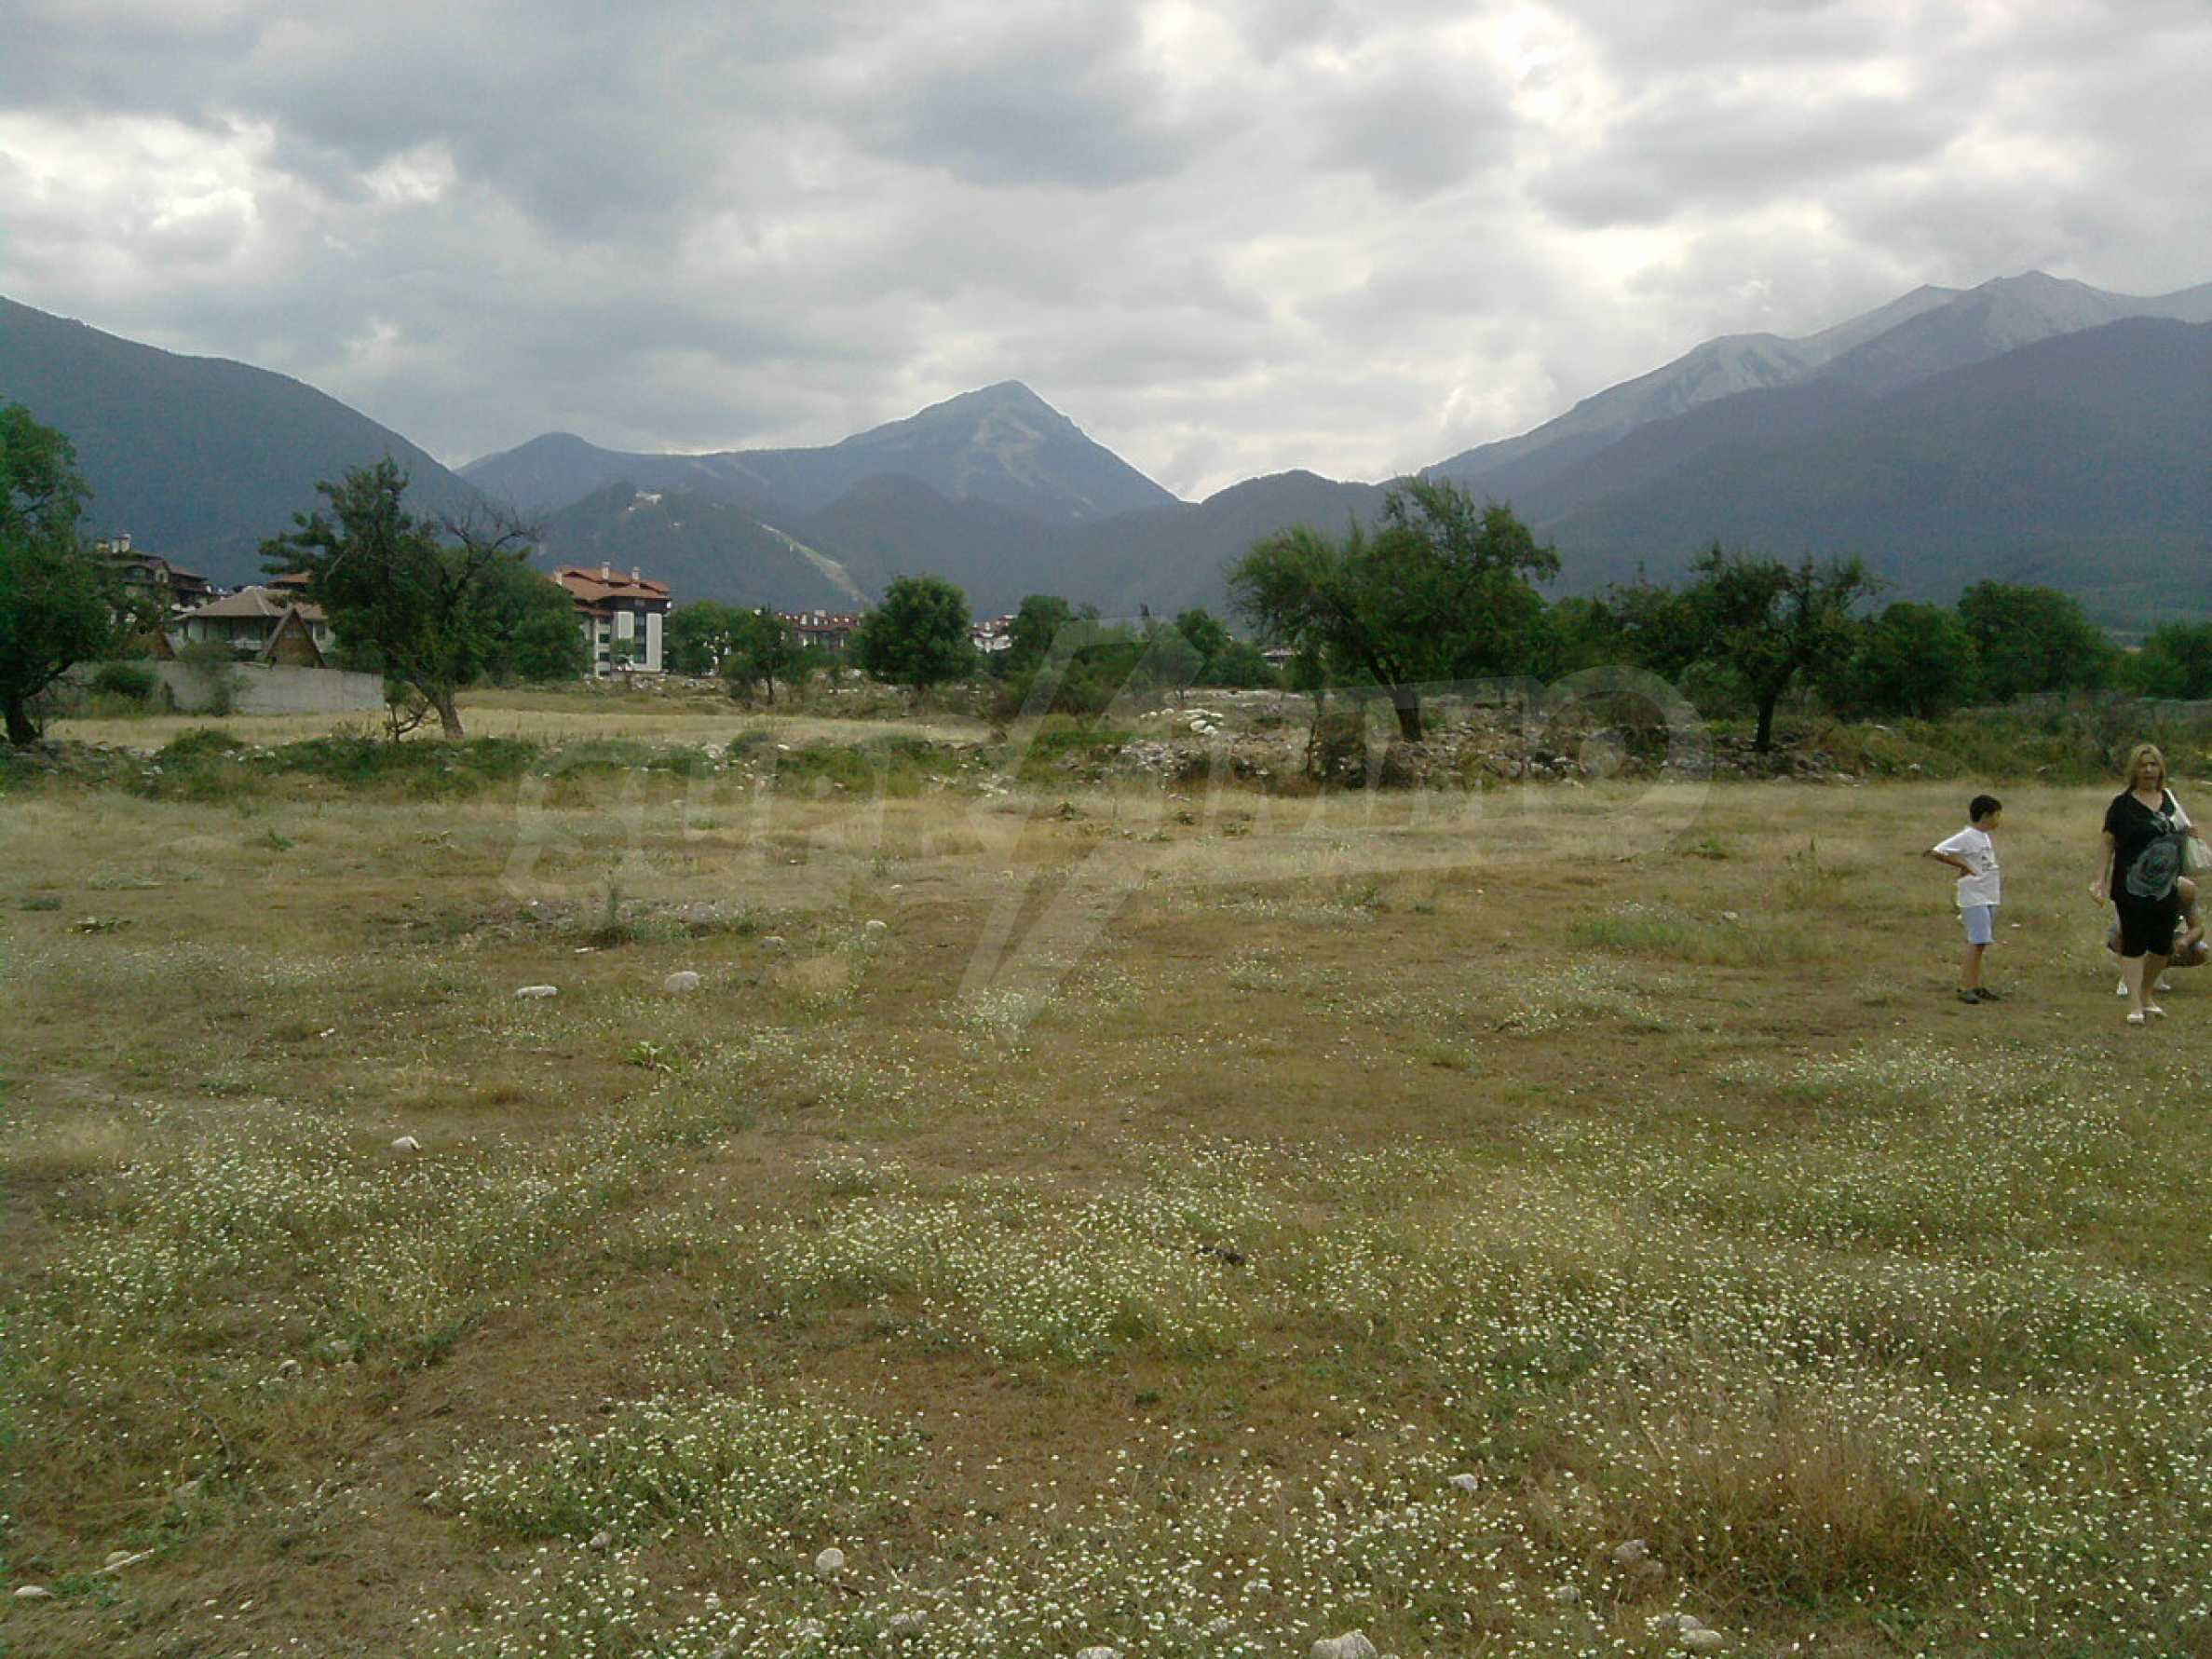 Baugrundstück 400 m vom Kabinenlift in Bansko entfernt 6